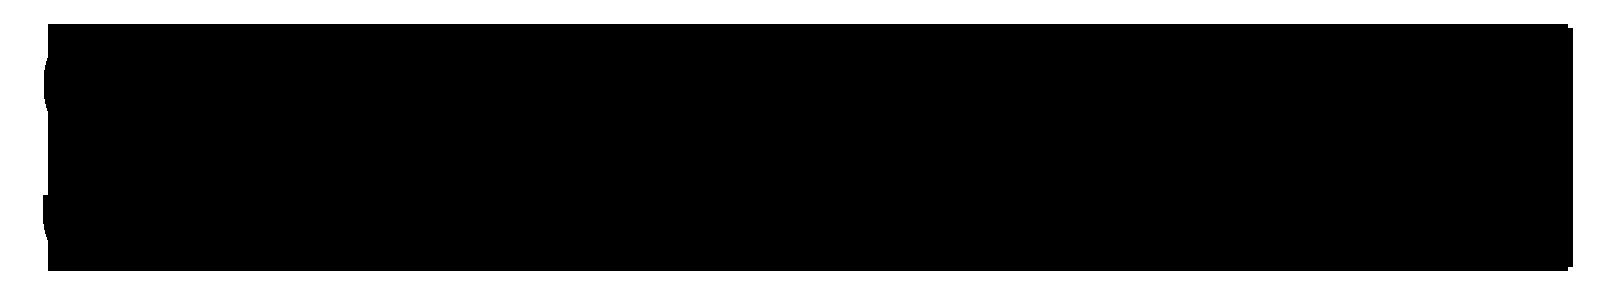 sammie saxon